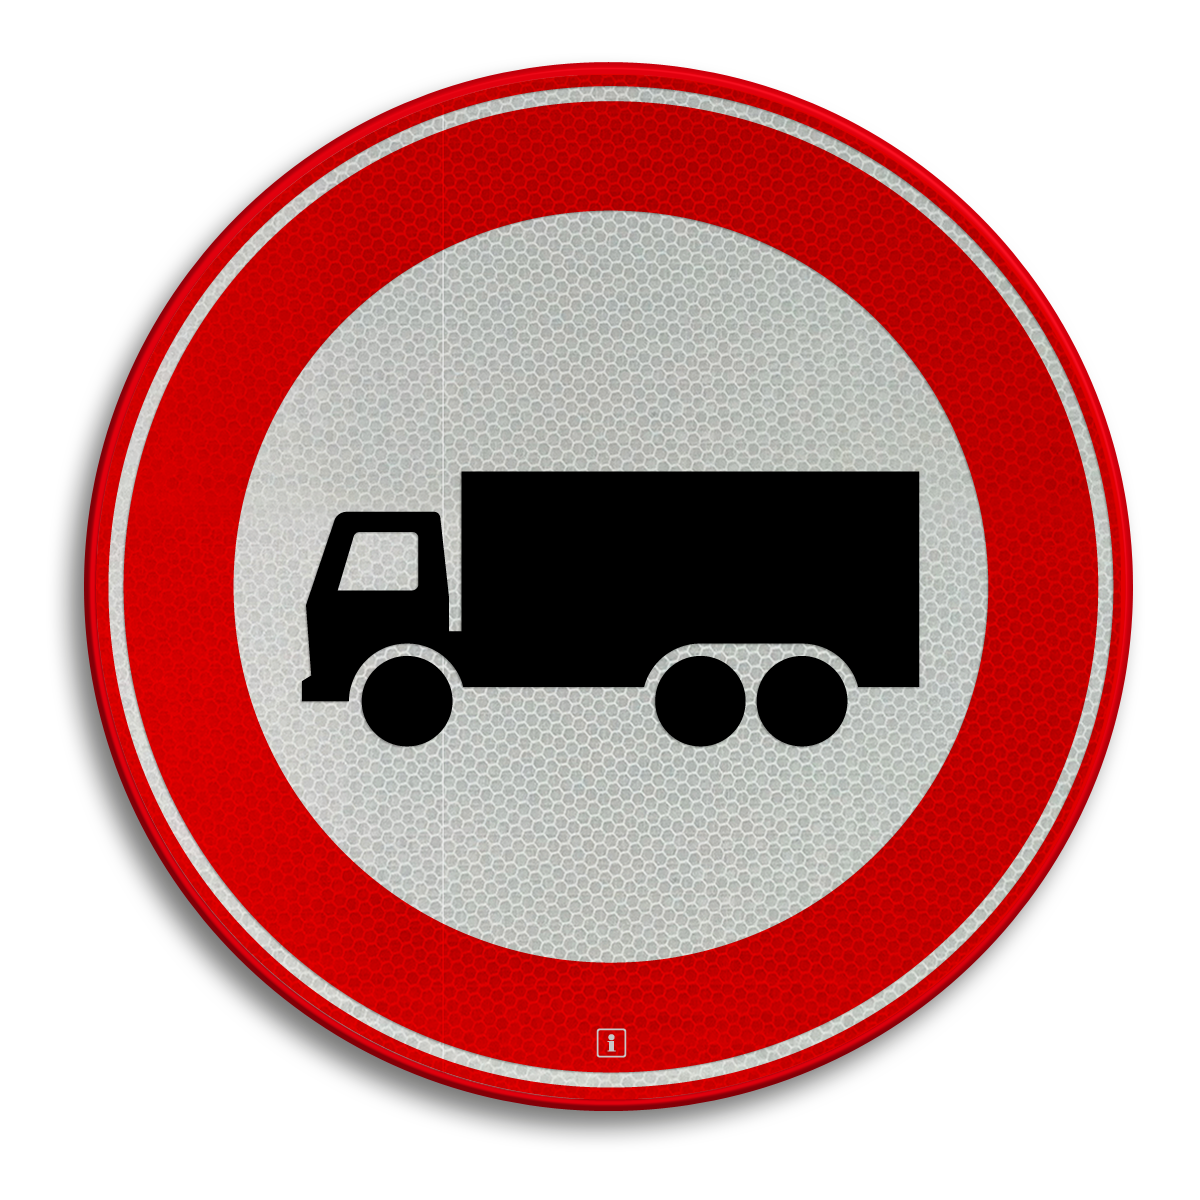 Verkeersbord C07 - Gesloten voor vrachtauto's ...